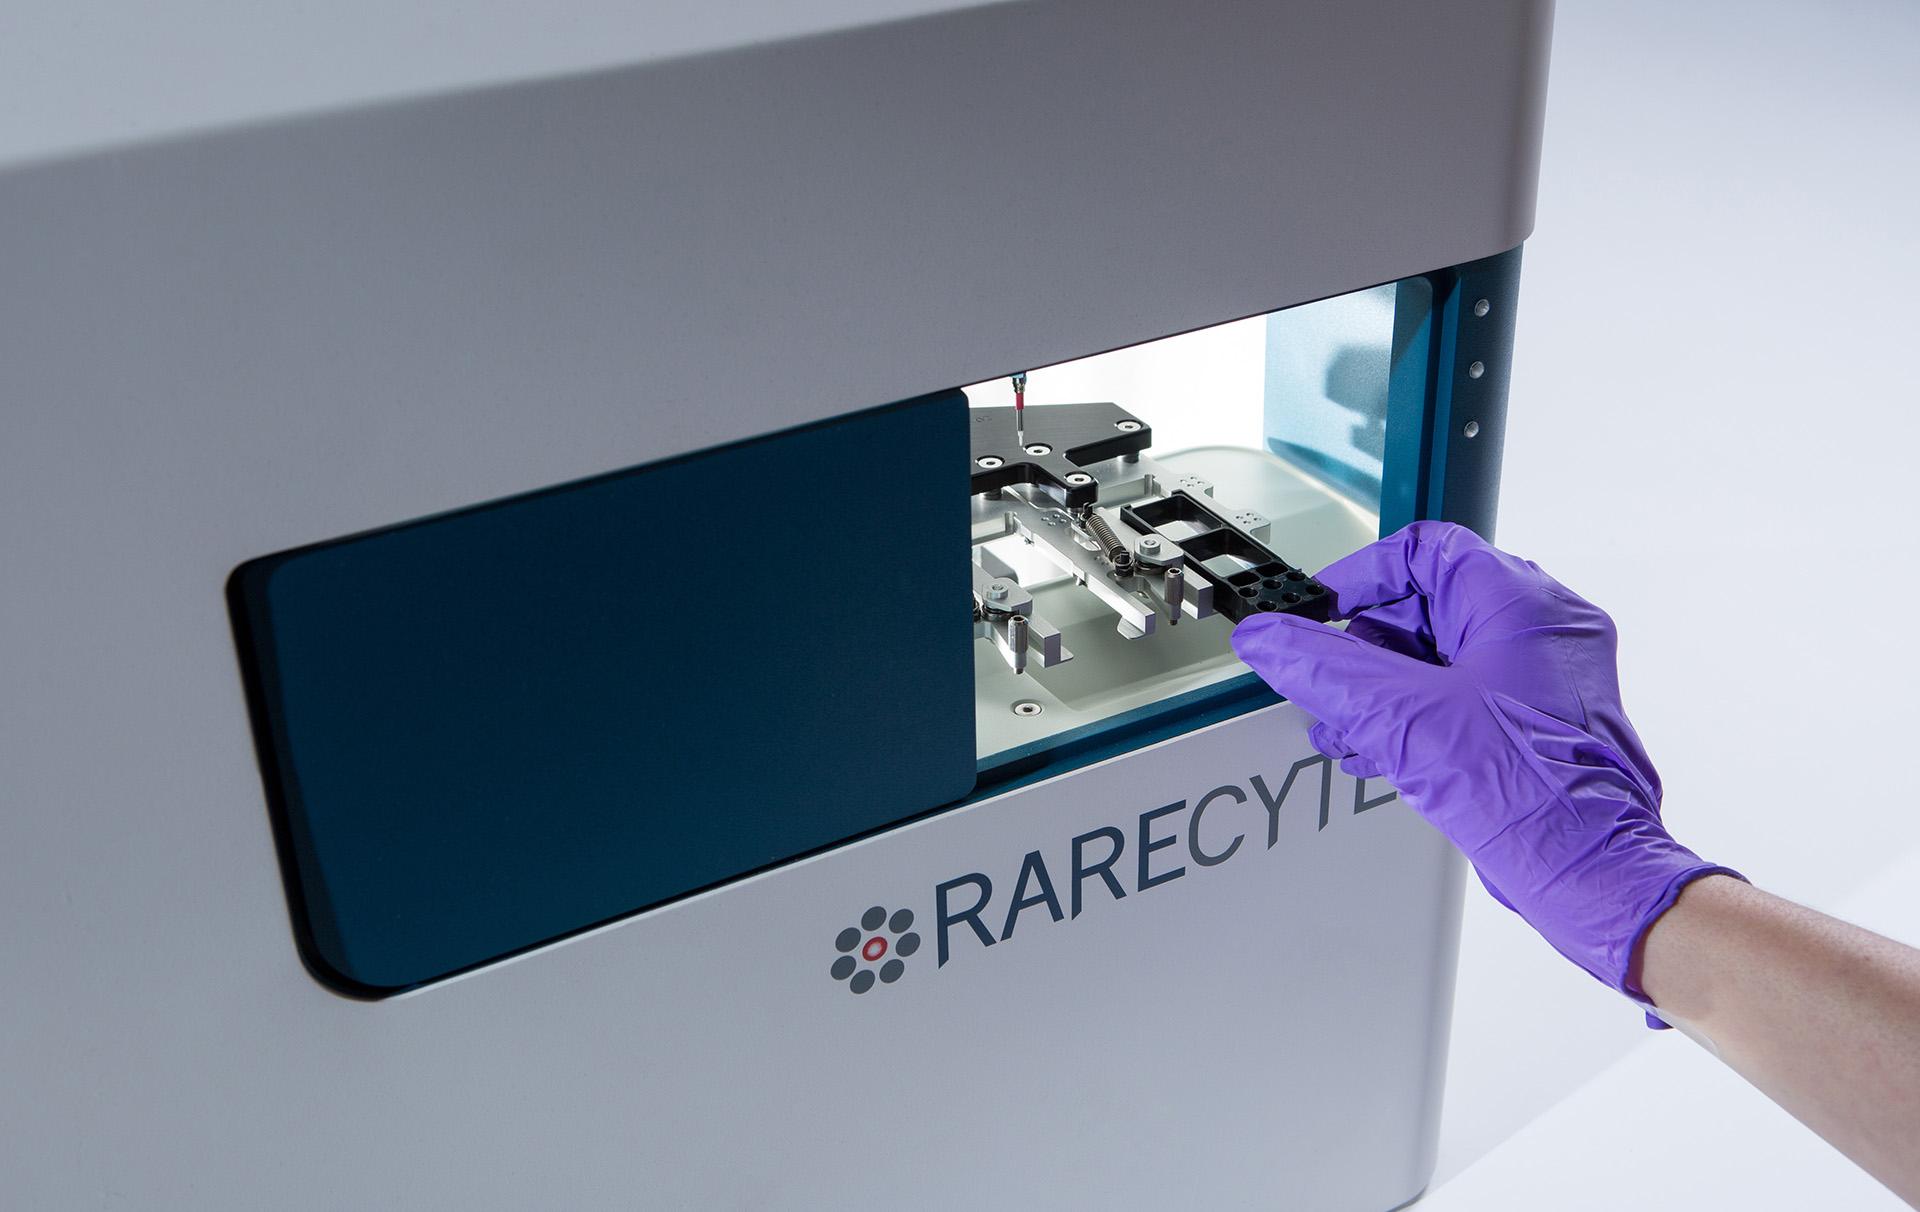 Rarecyte-04.jpg